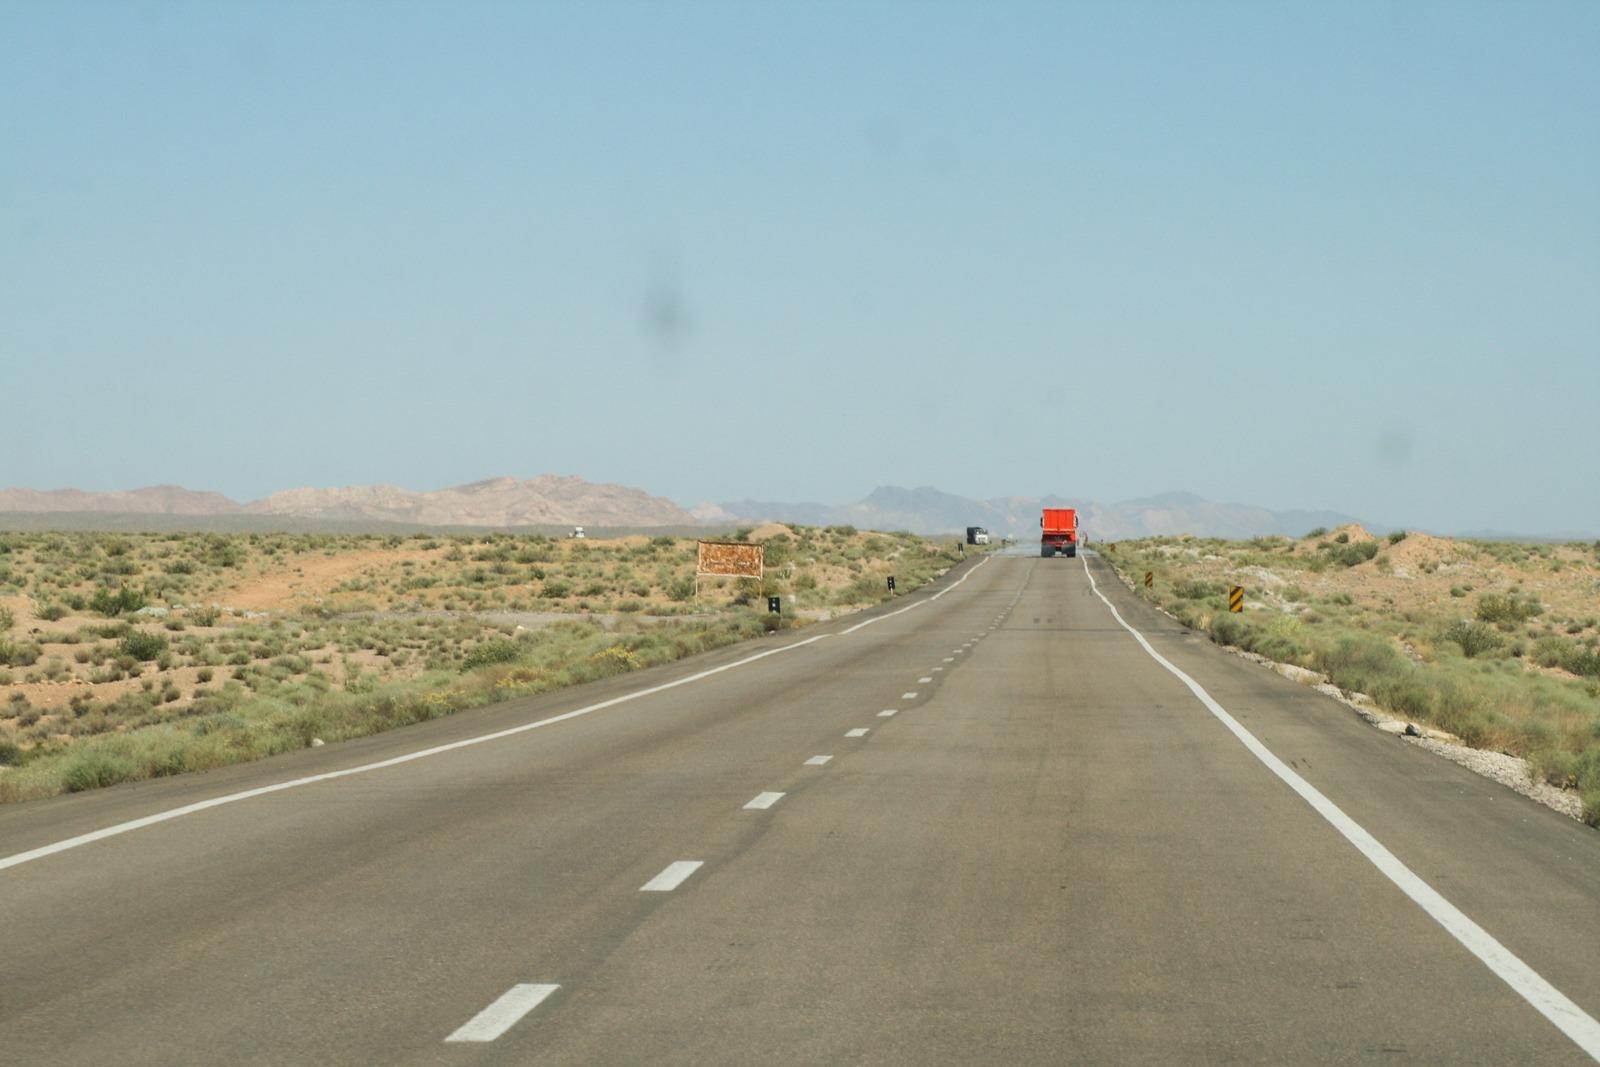 Ein Straße auf dem Weg nach Kerman, die man an die Routa 40 in Argentinien erinnert